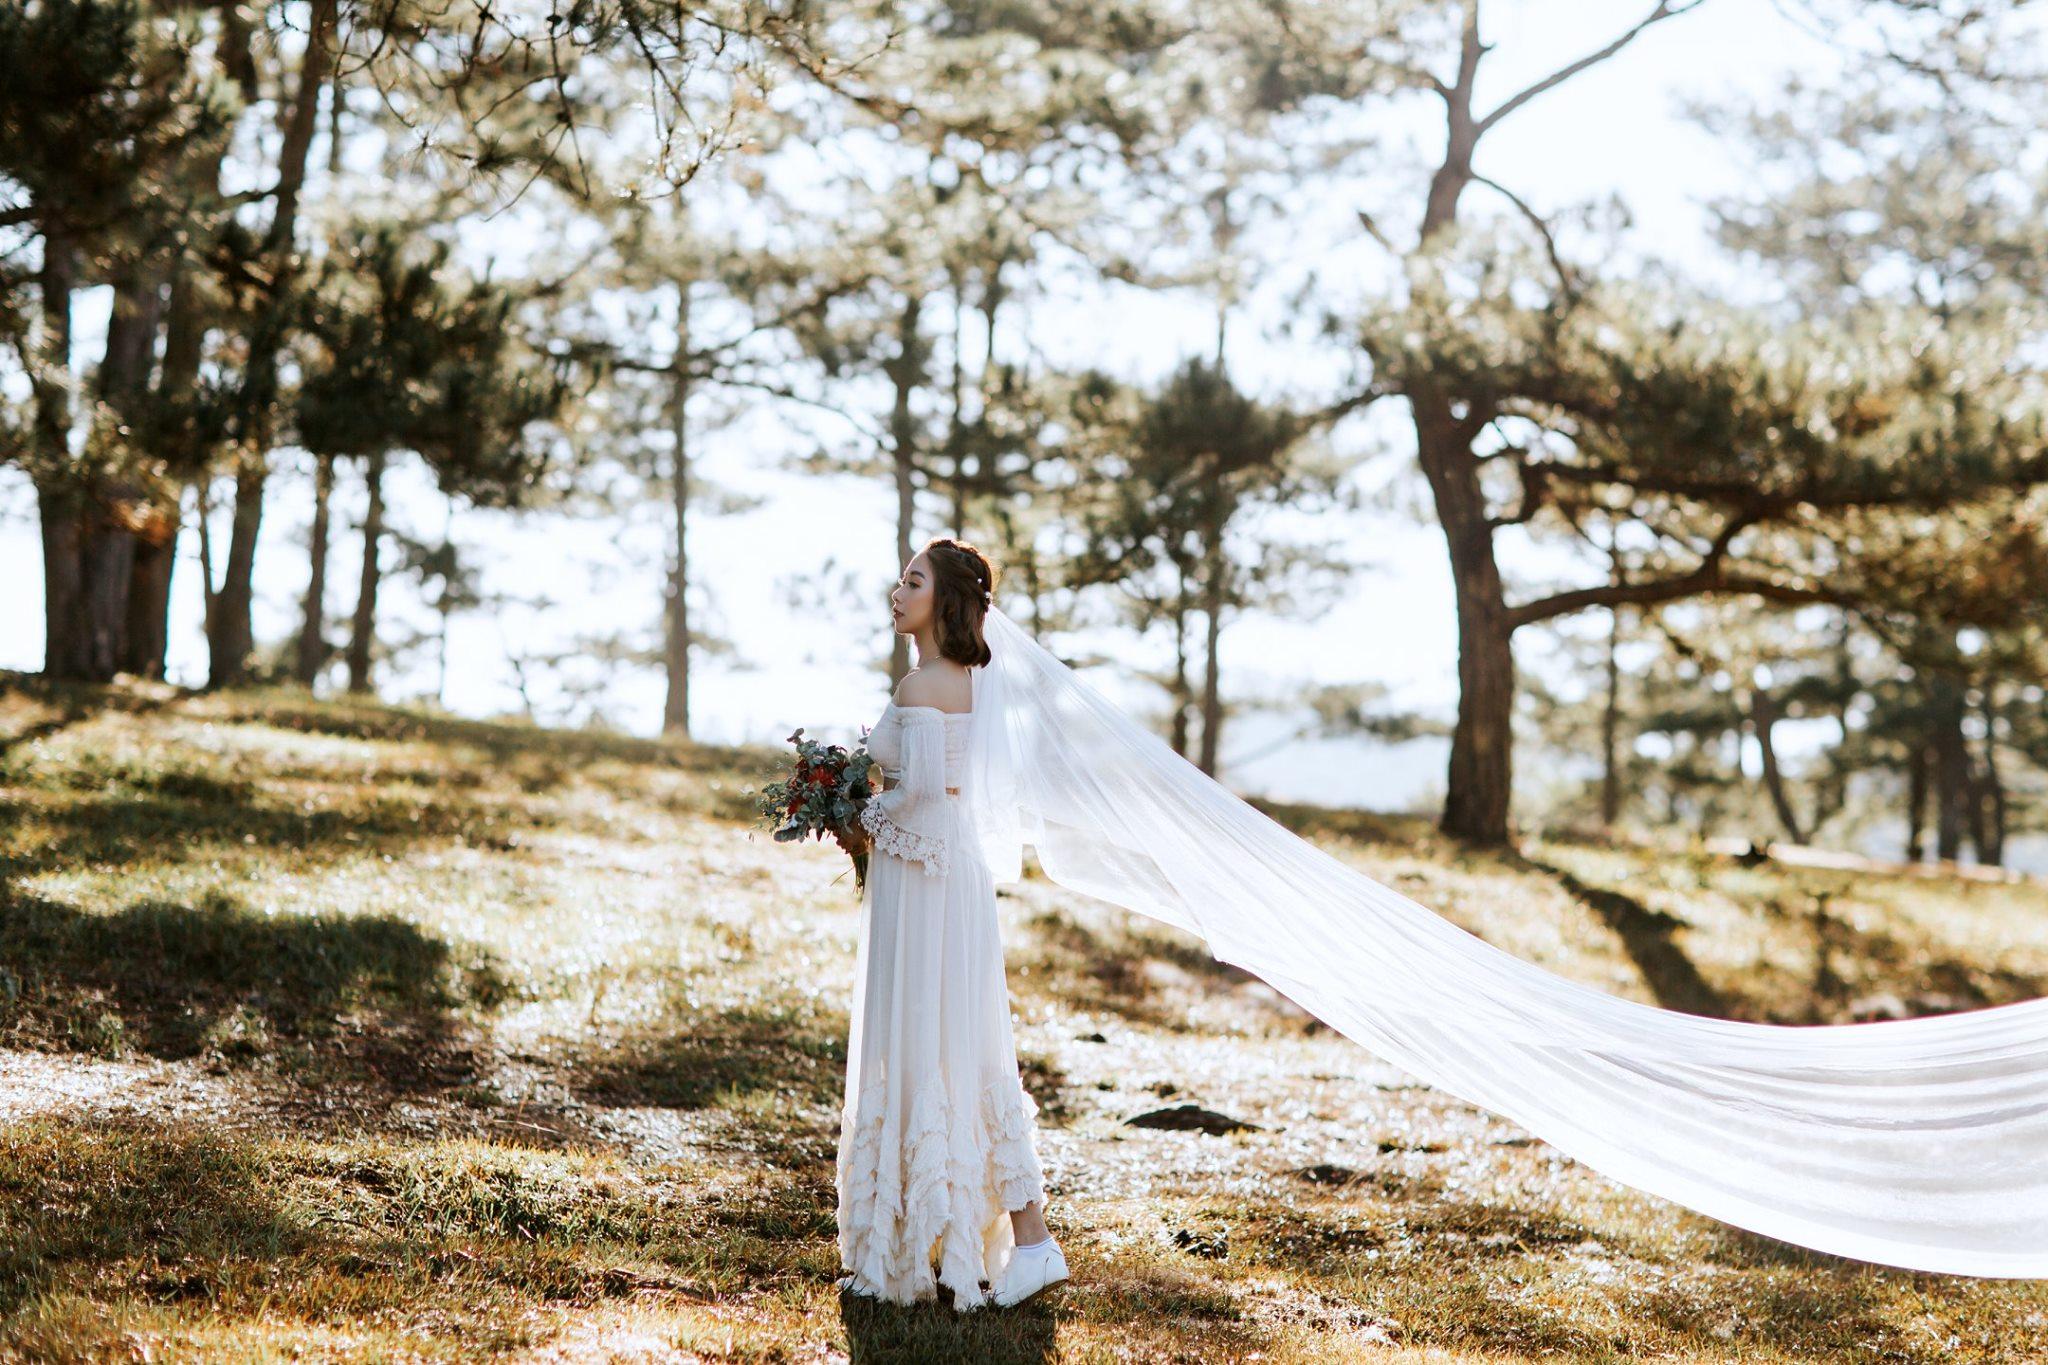 Xếp hạng 7 Studio chụp ảnh cưới đẹp nhất Bến Tre - CAO HIỂN Studio